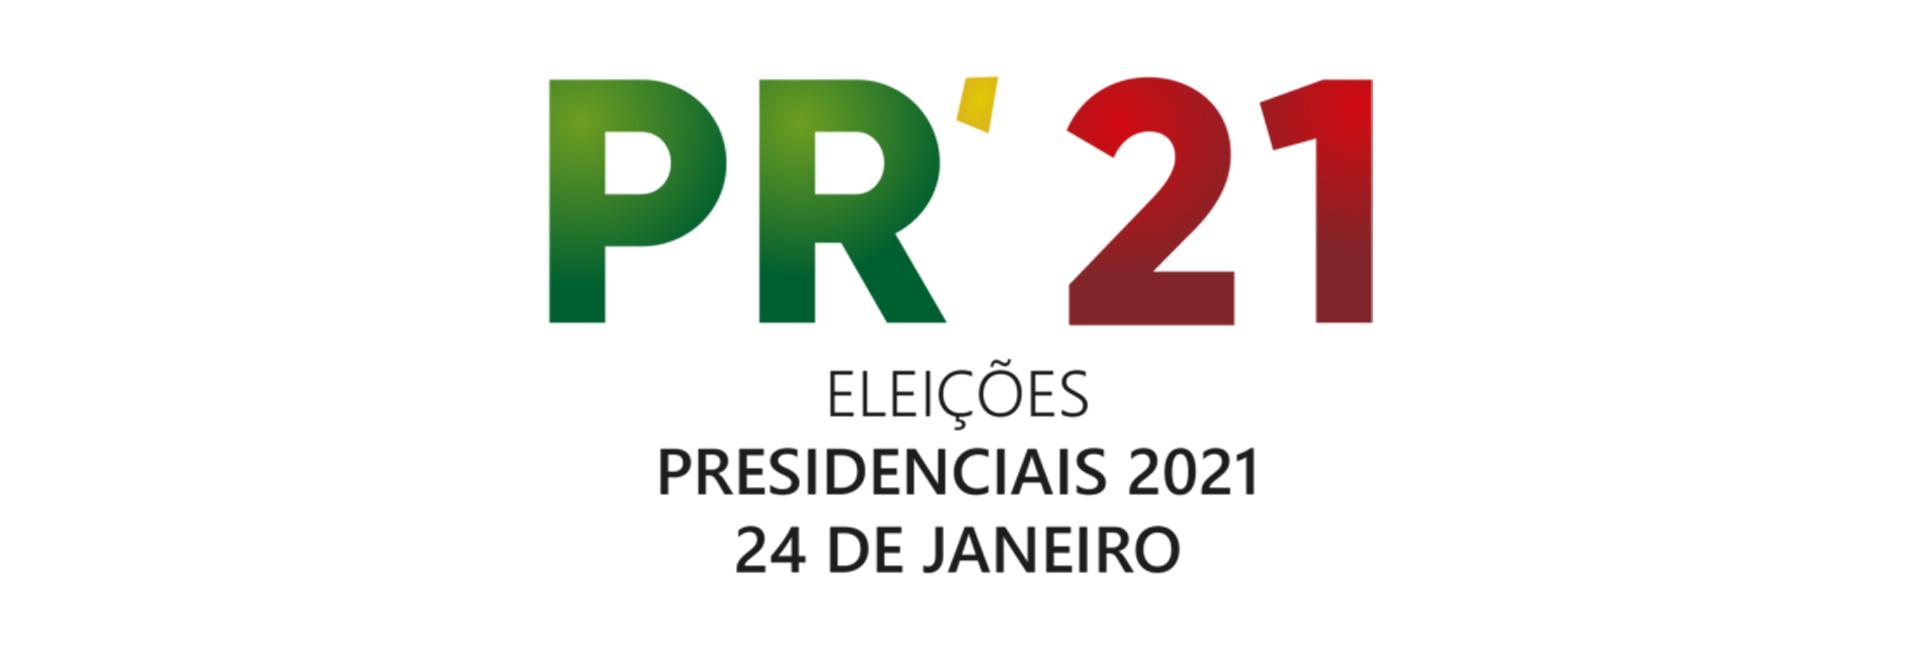 presidenciais 2021 banner